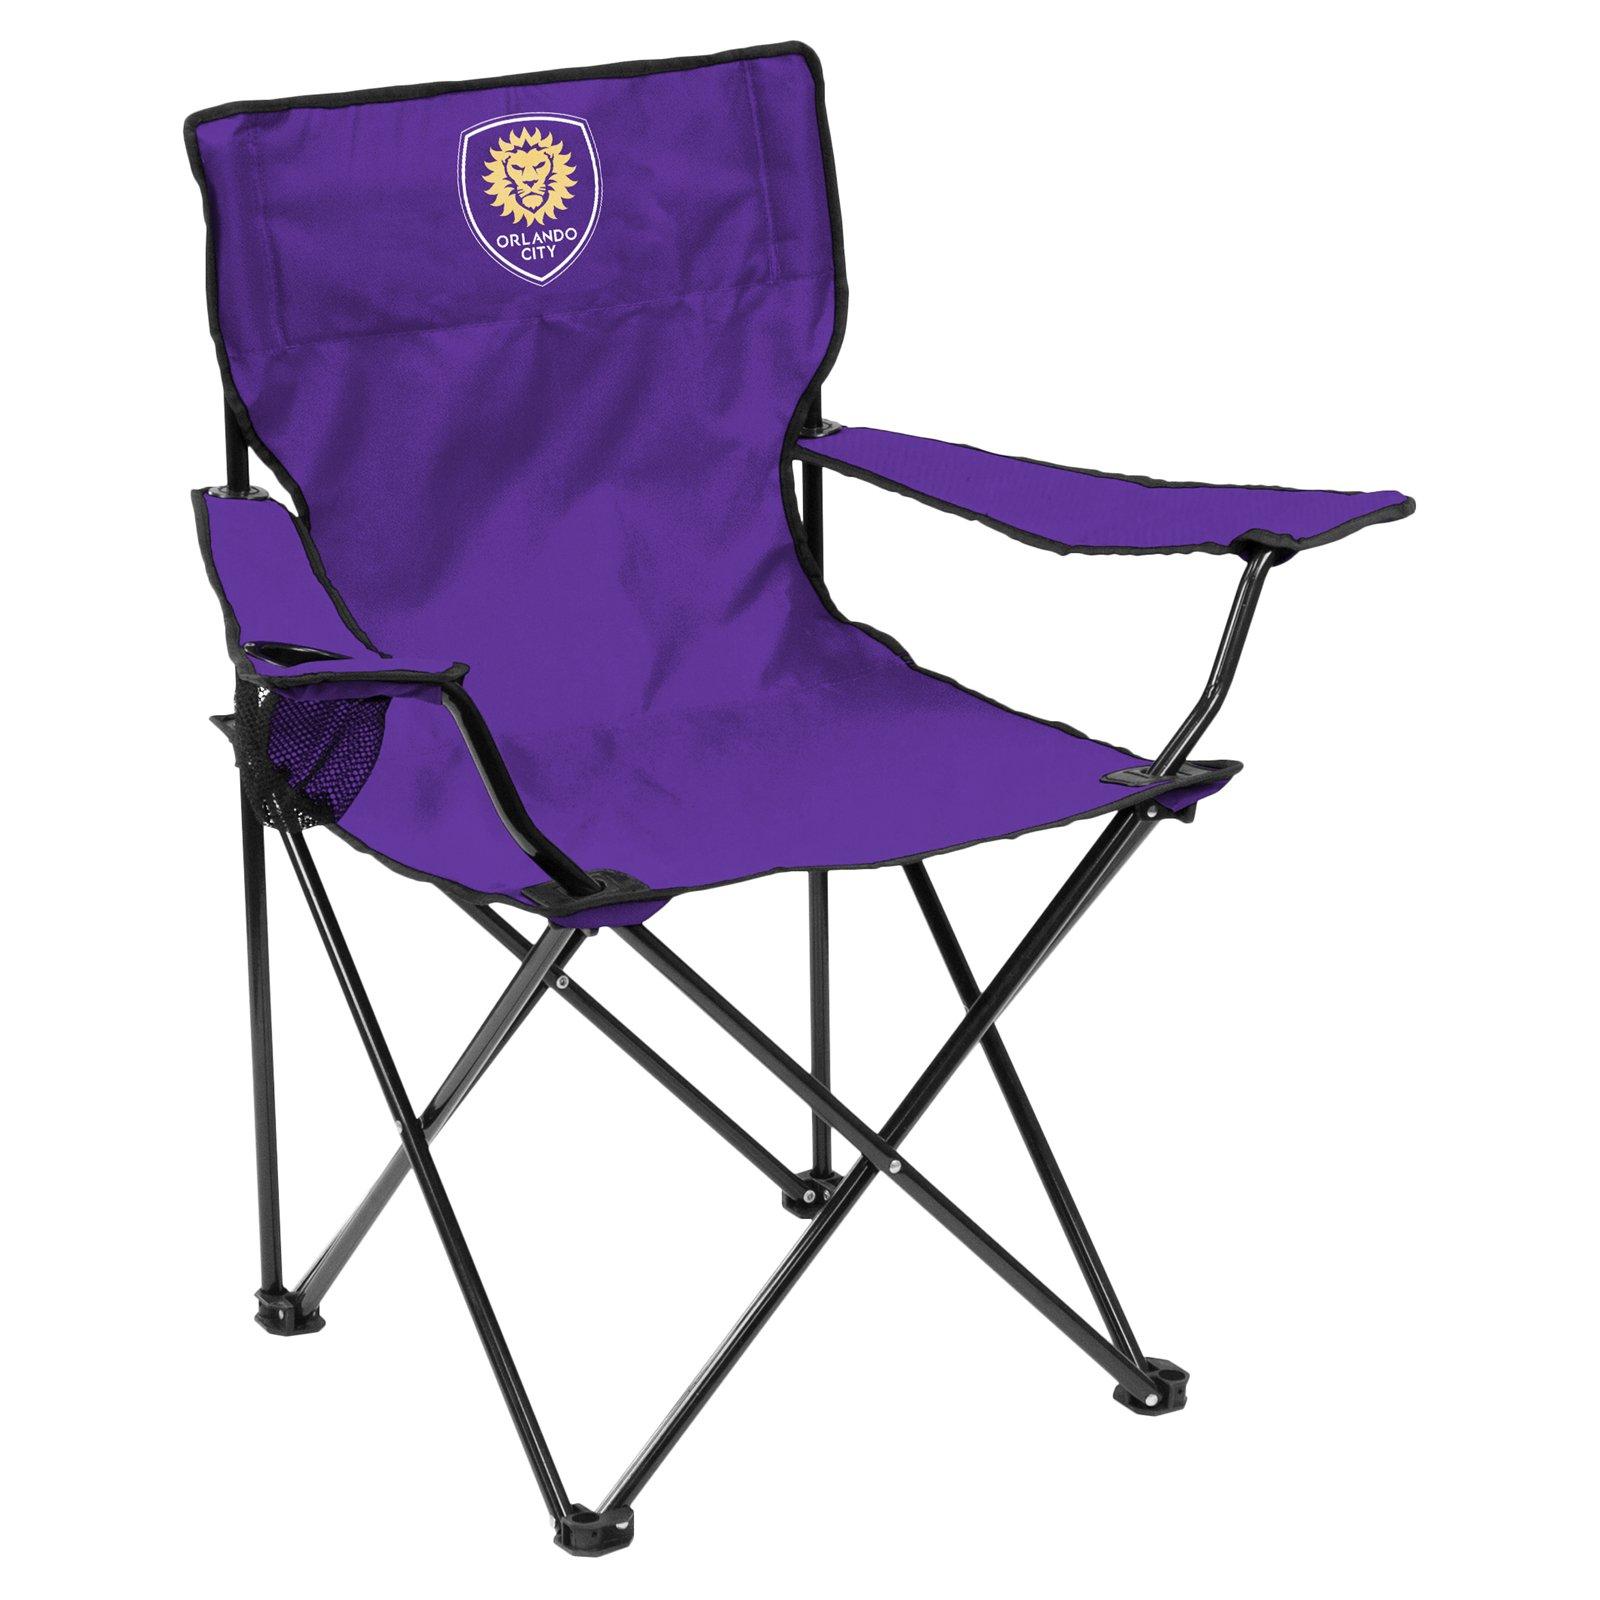 Orlando City SC Quad Chair